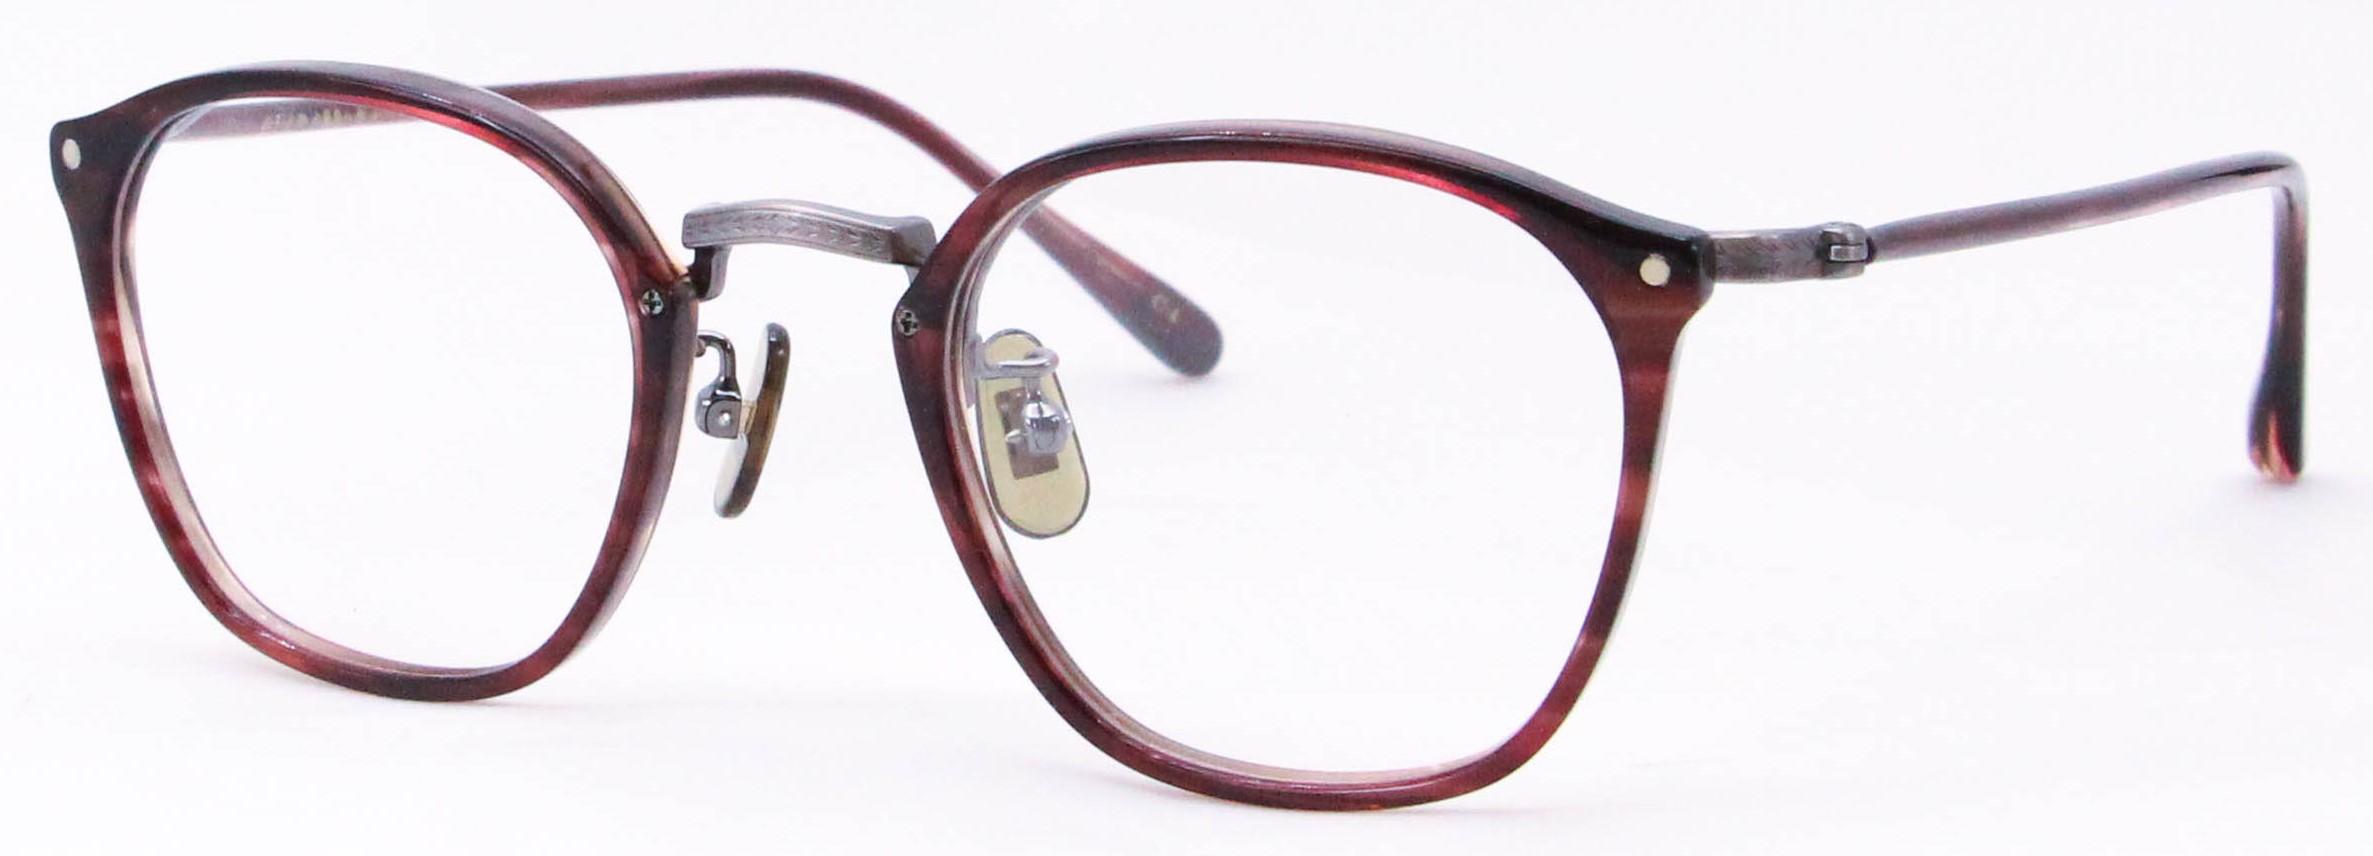 眼鏡のカラータイプC-4 Wine/At-Brown サンプラチナ飾り